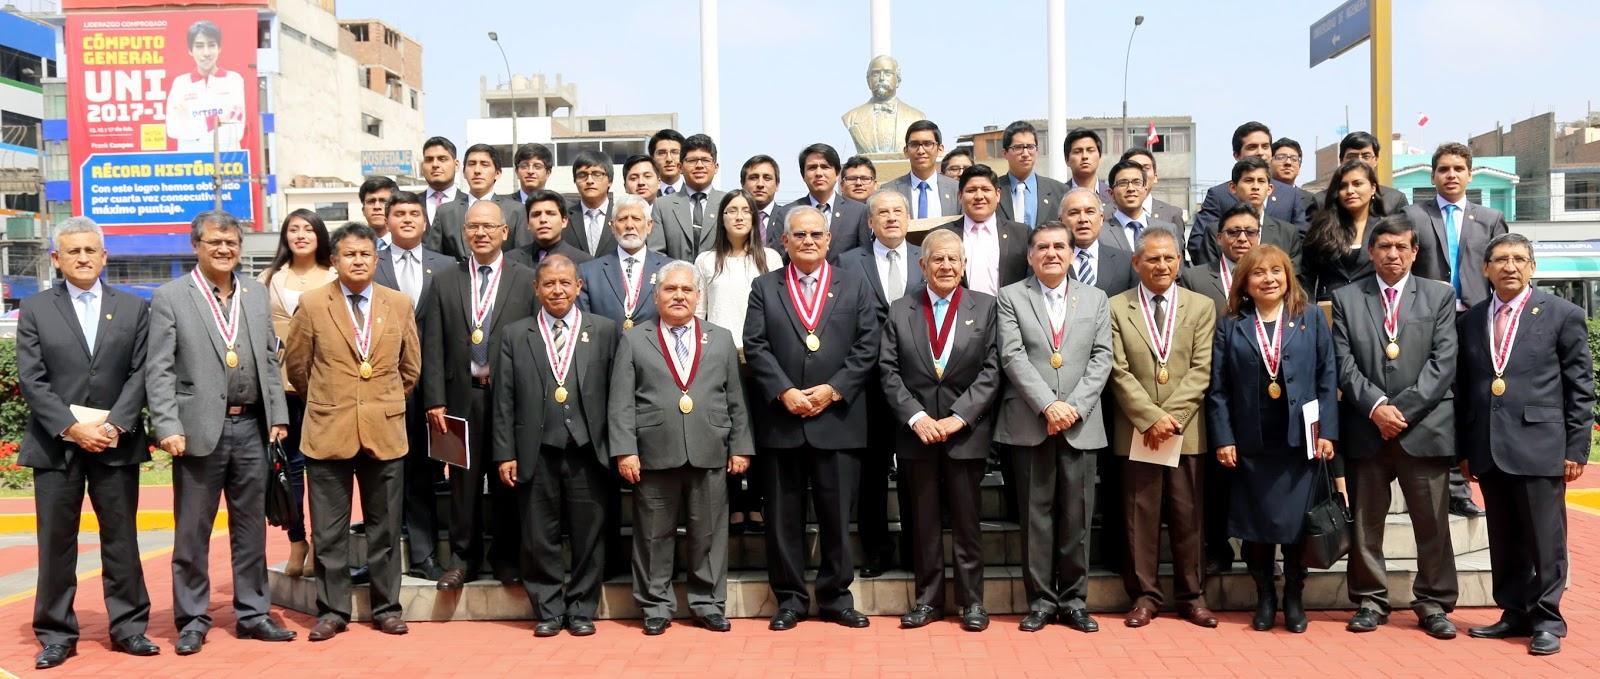 Patronato UNI entrega premio a primeros puestos de las 28 especialidades